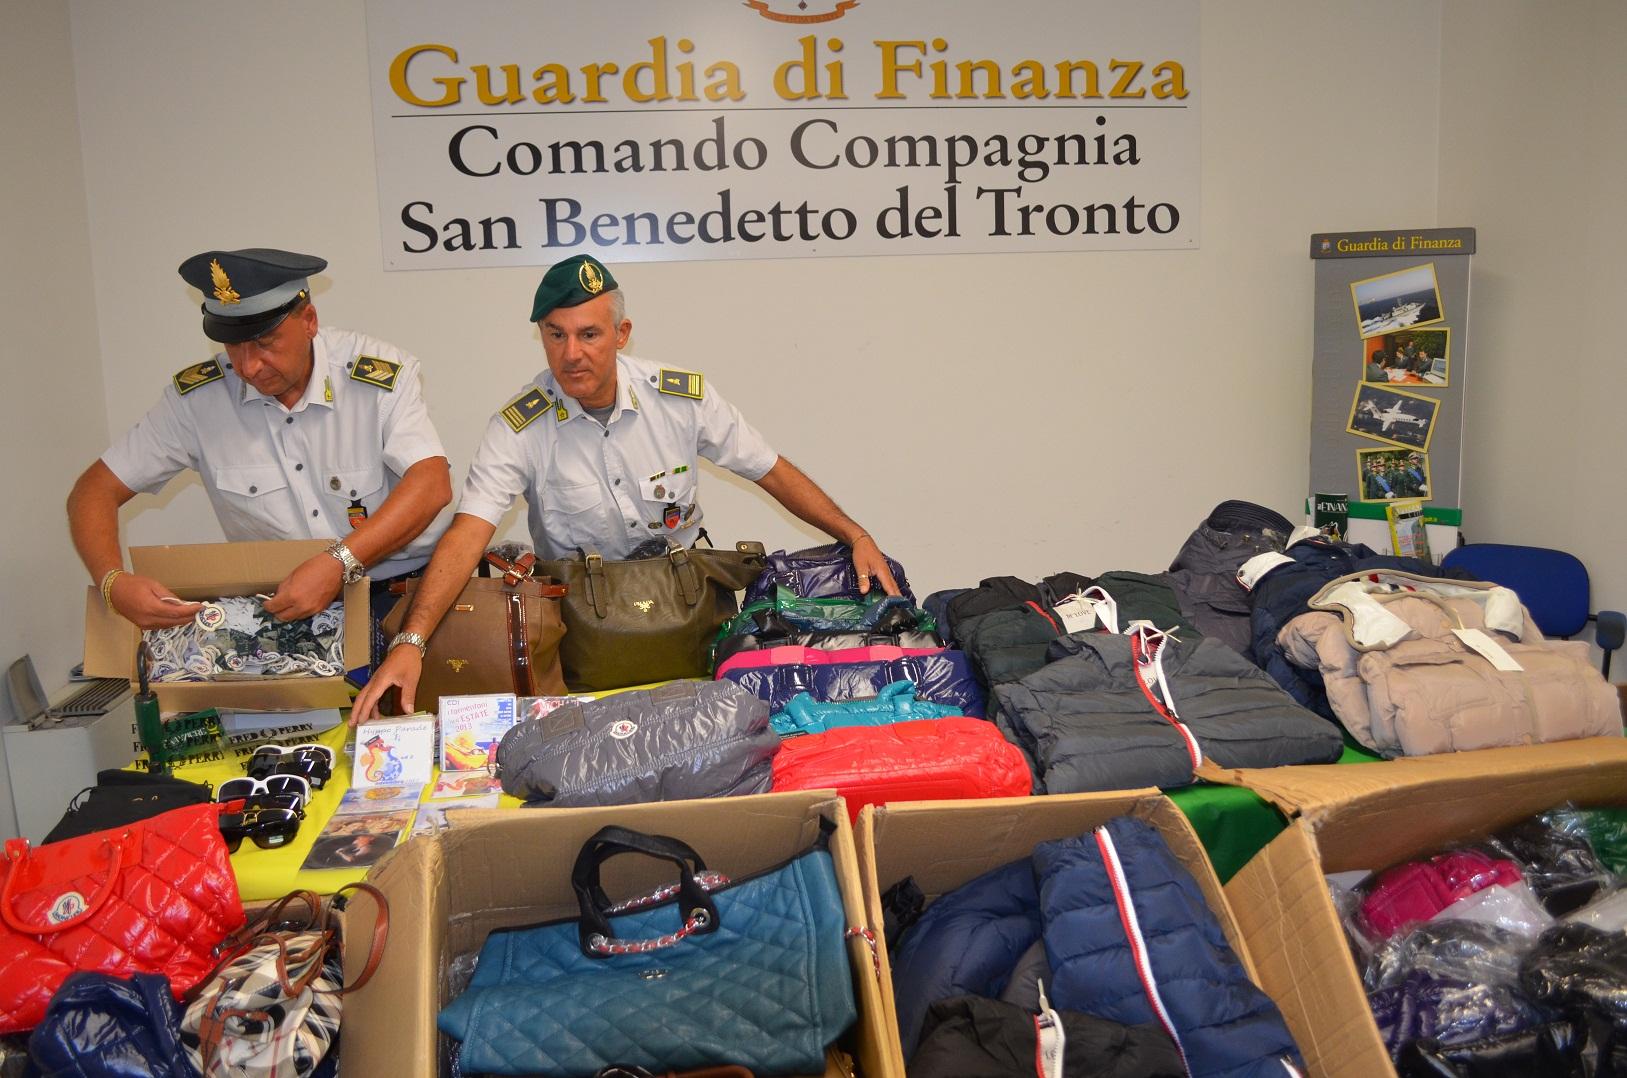 Guardia di Finanza operazione anticontraffazione a San Benedetto